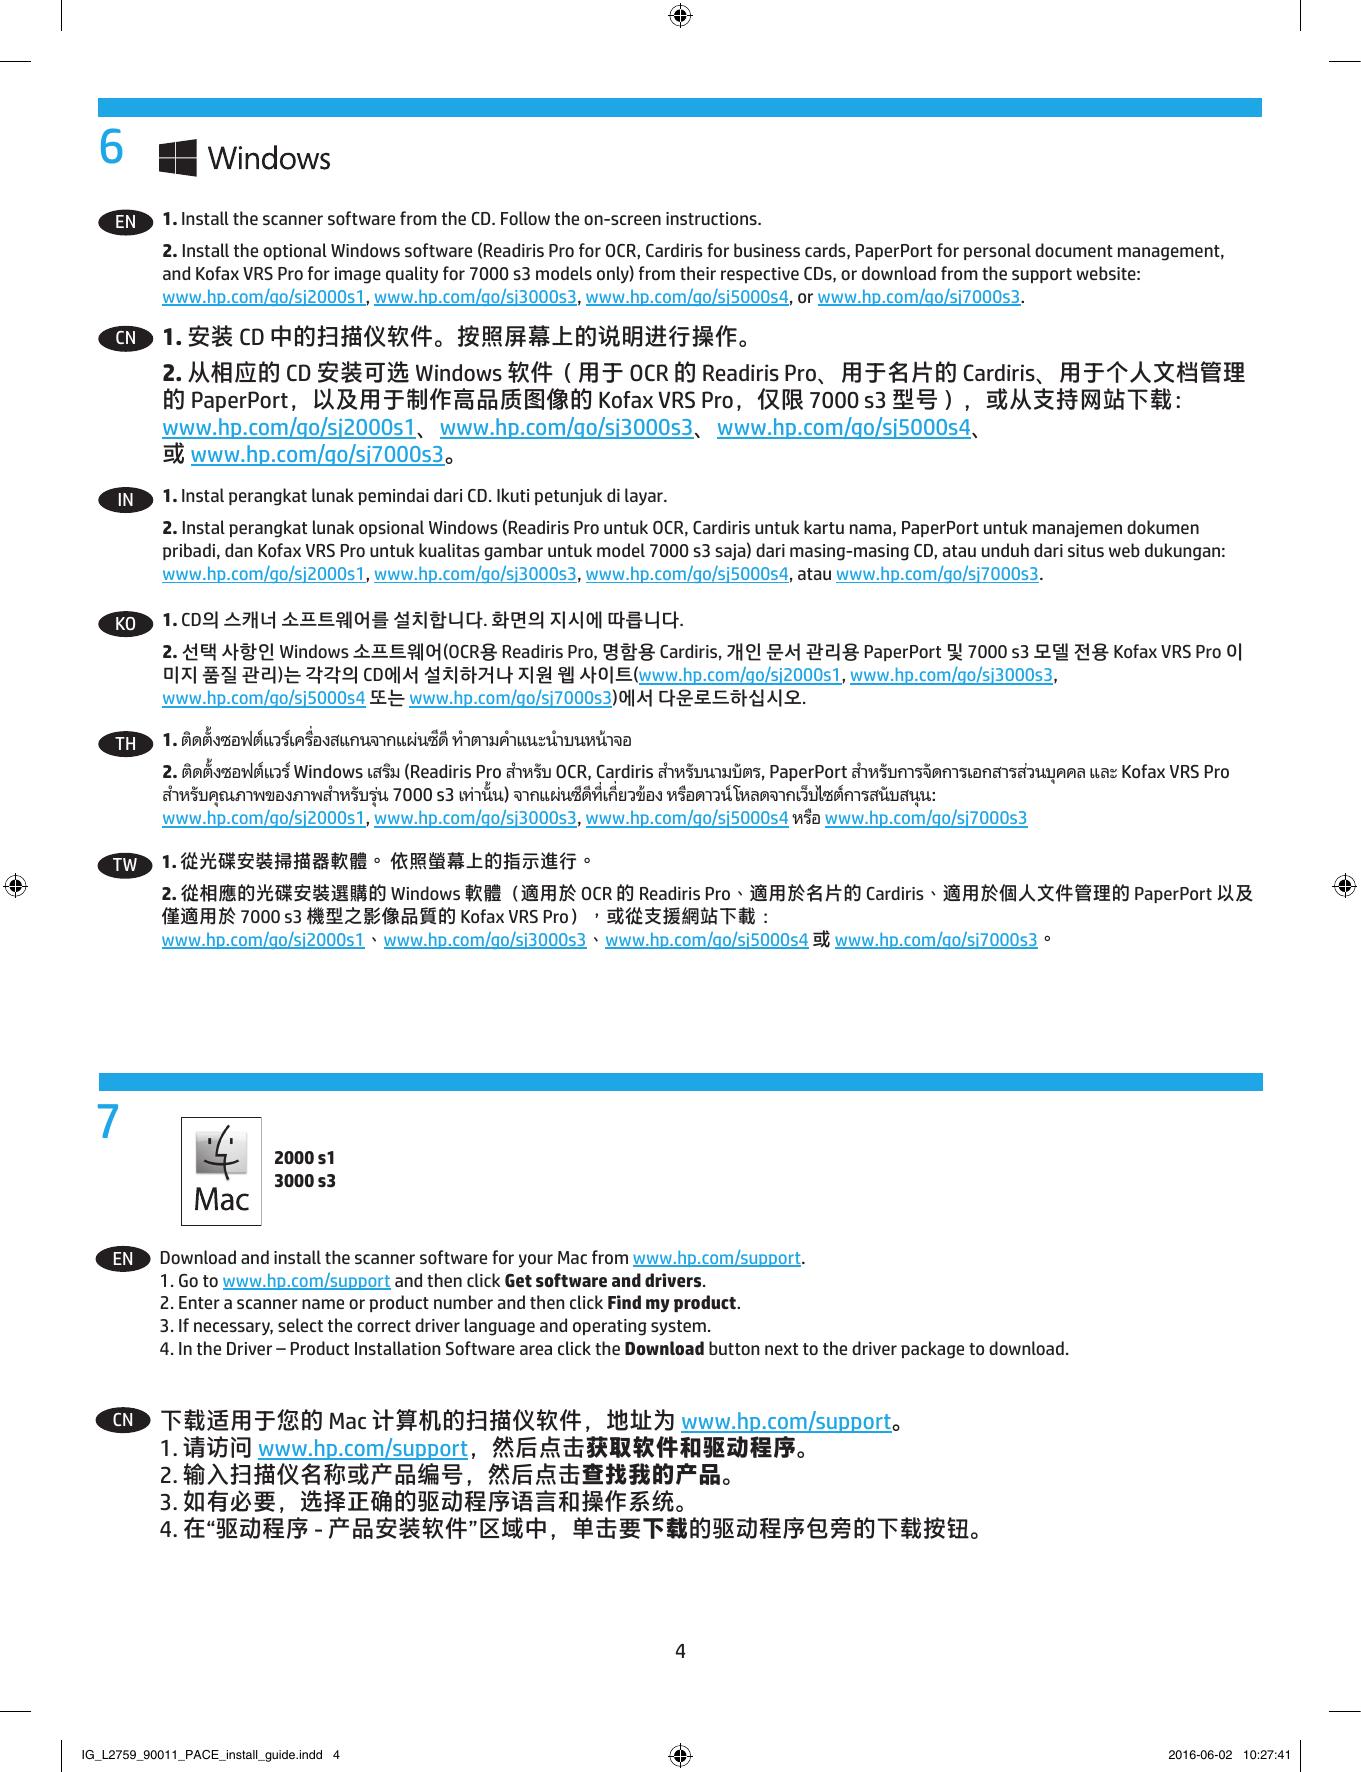 HP ScanJet Pro 2000 S1, 3000 S3 Enterprise Flow 5000 S4, 7000 XL